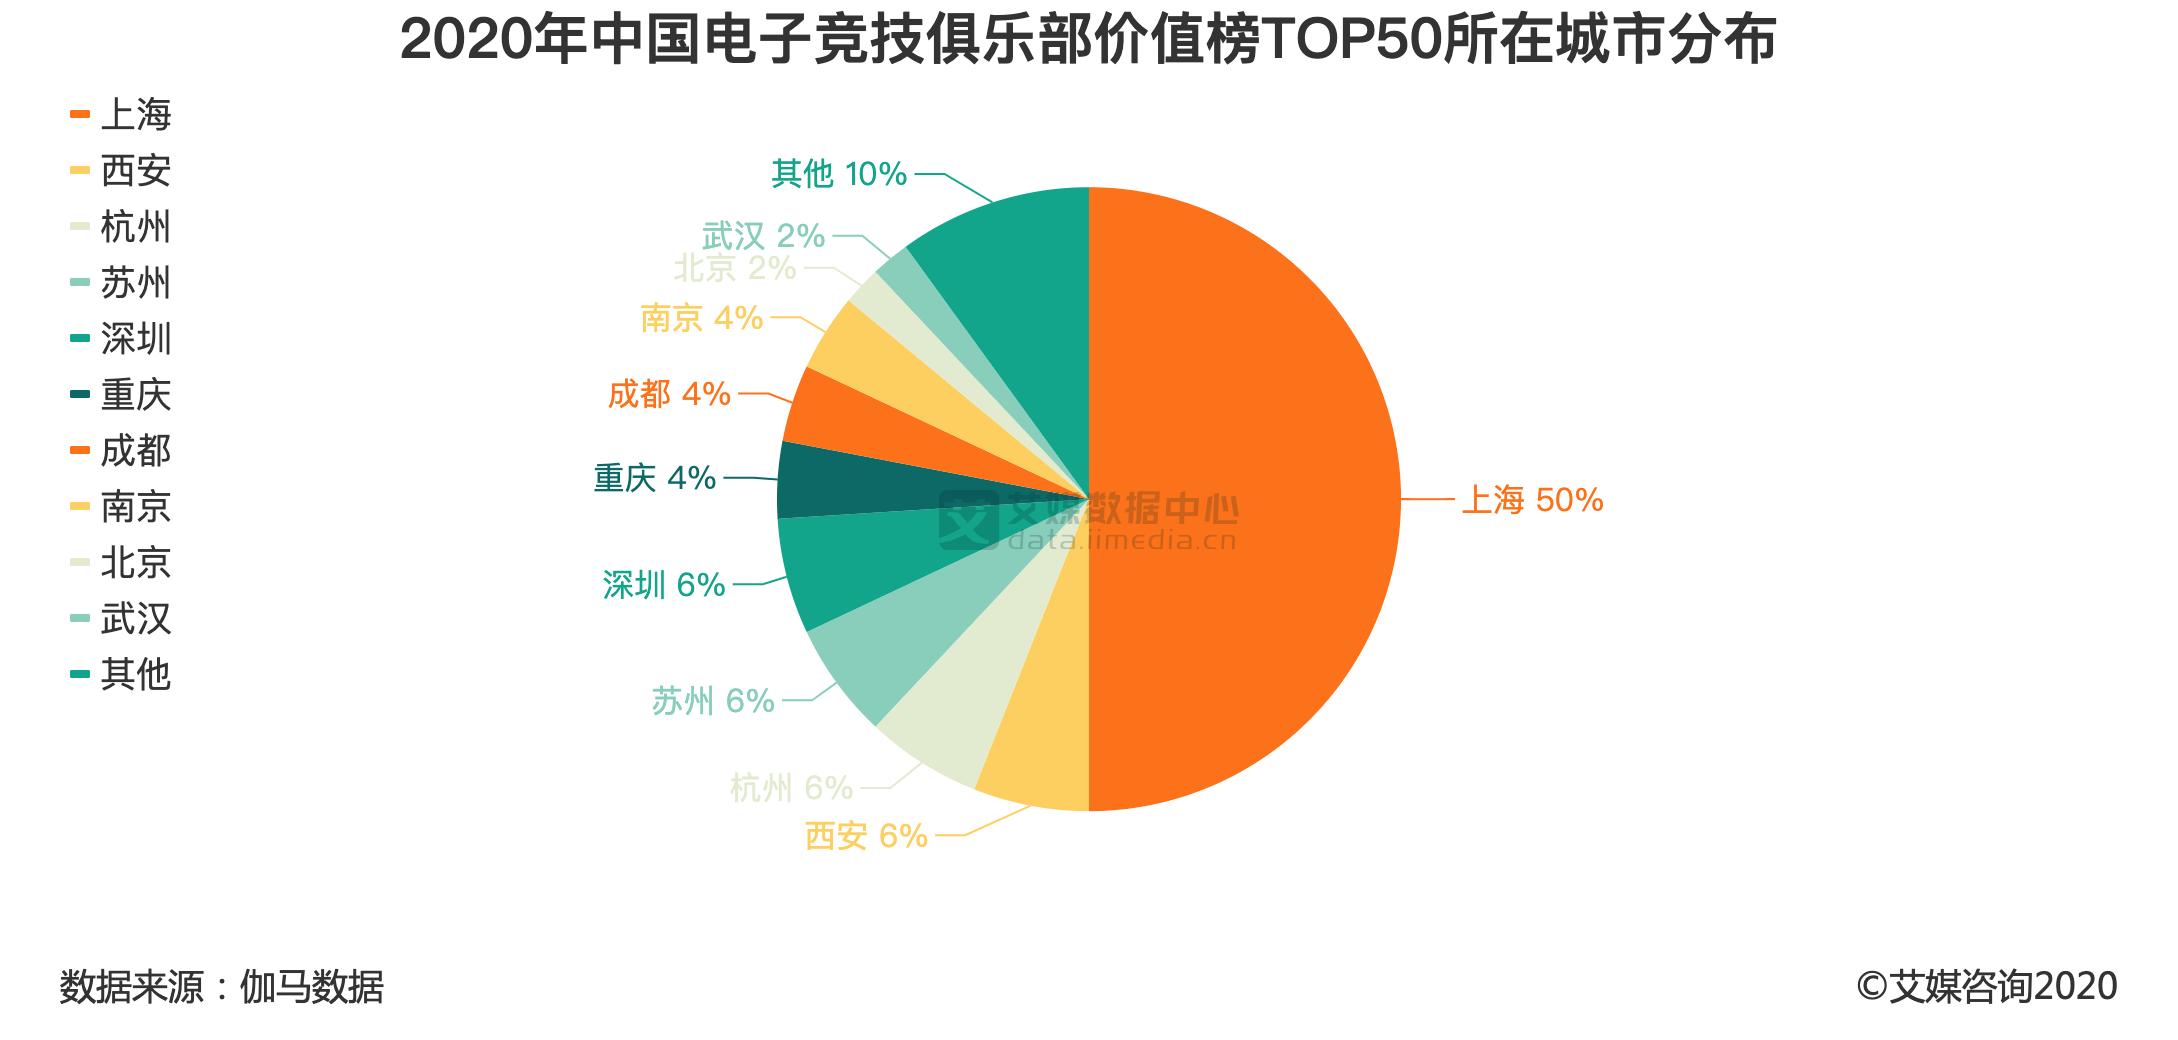 2020年中国电子竞技俱乐部价值榜TOP50所在城市分布